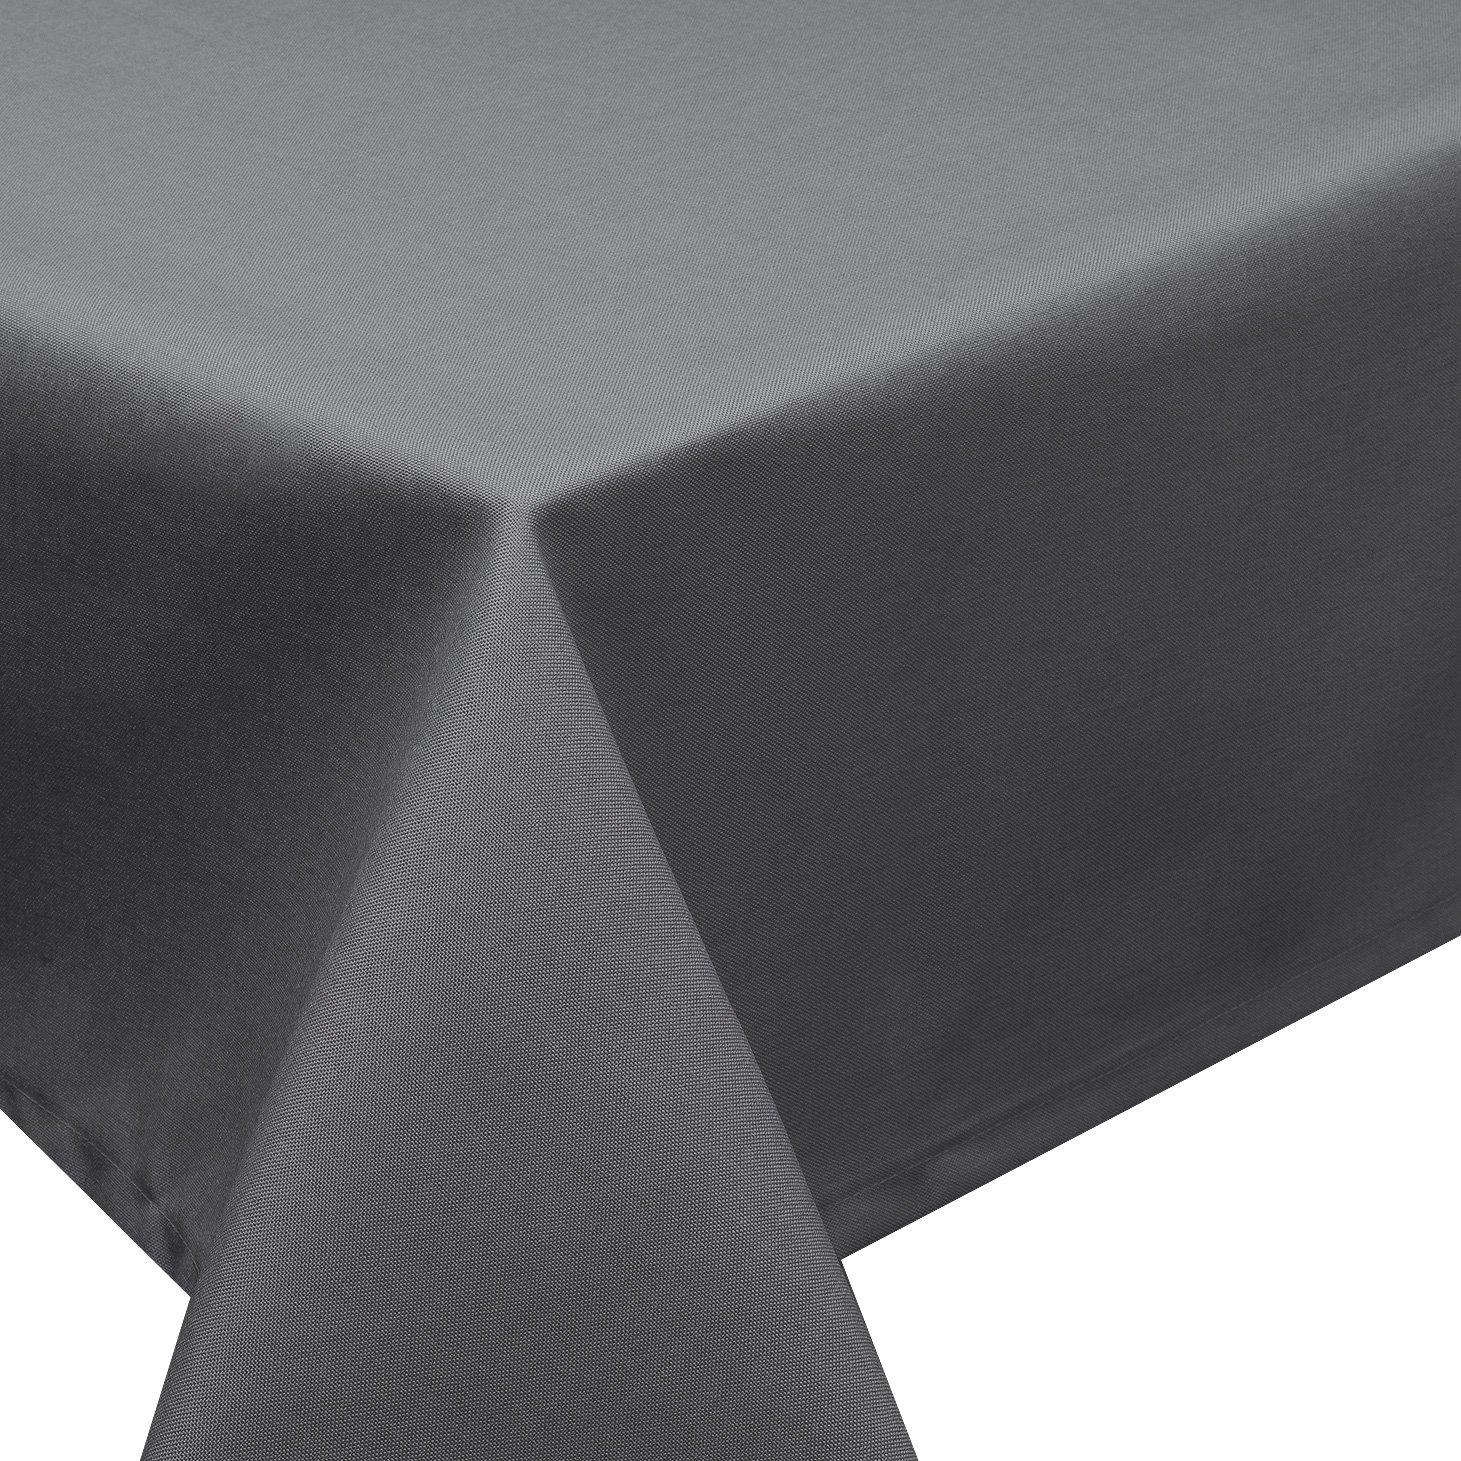 Tischdecke Fleckschutz Lotus Effekt Garten Leinenoptik Leinenoptik Leinenoptik abwaschbar in 27 Größen und 15 Farben in eckig, oval und rund Farbe  anthrazit eckig 160x320 cm B06WD5GQCT Tischdecken 0f939e